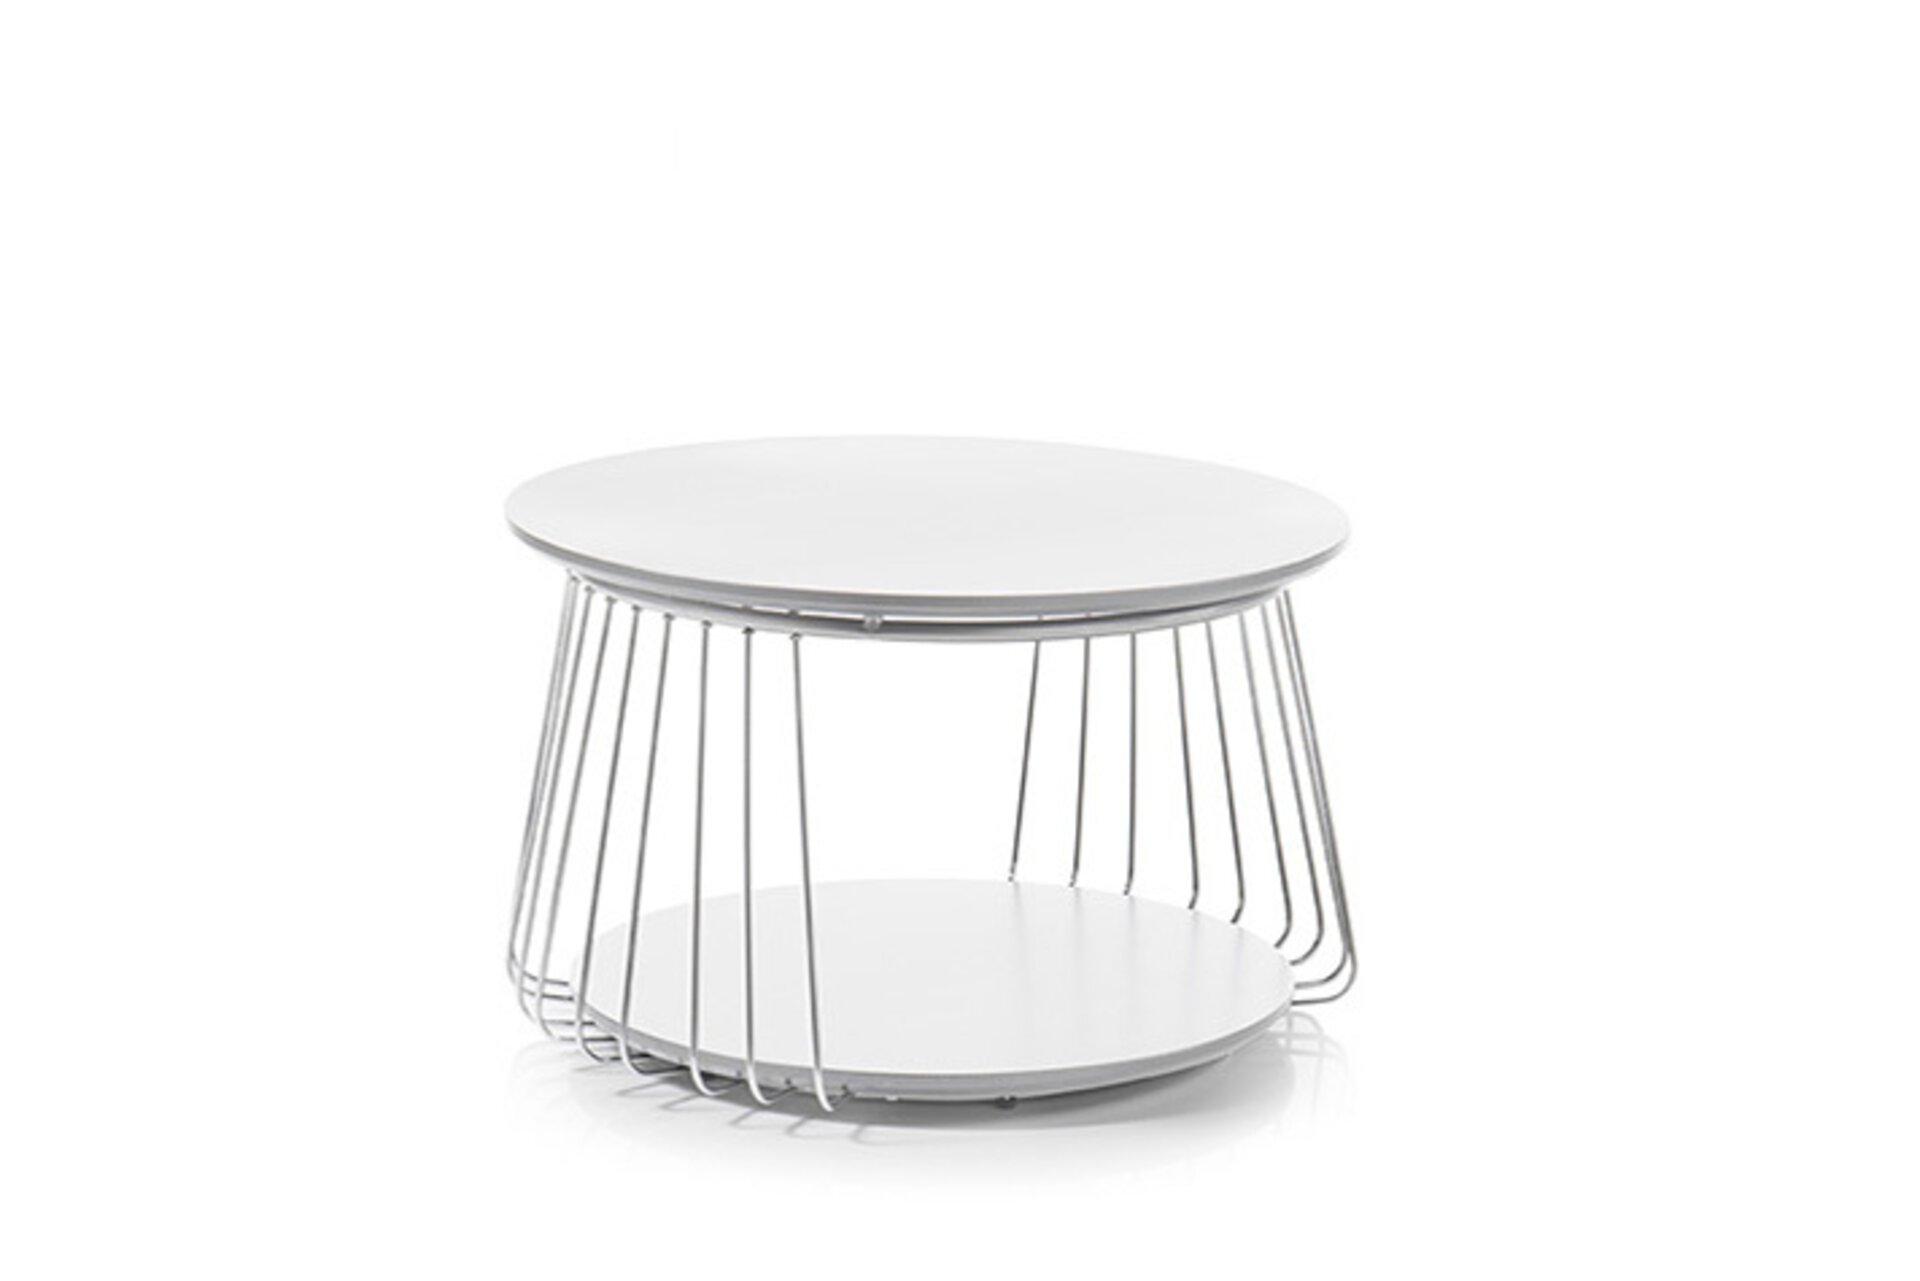 Couchtisch VILNIUS MCA furniture Metall weiß 70 x 42 x 70 cm